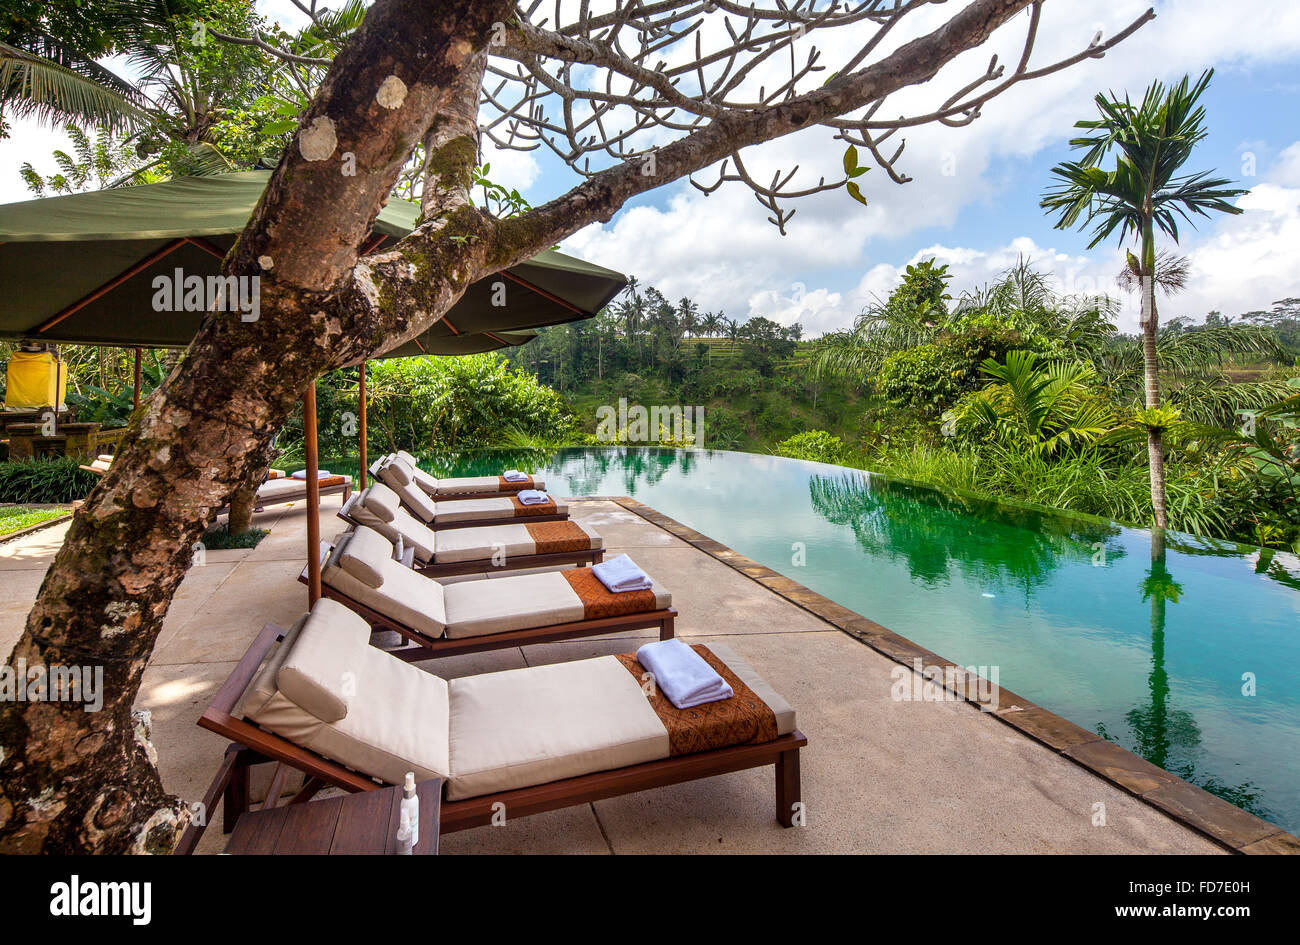 Hotel resort con piscina e palme, Ubud, Bali, Indonesia, Asia Immagini Stock